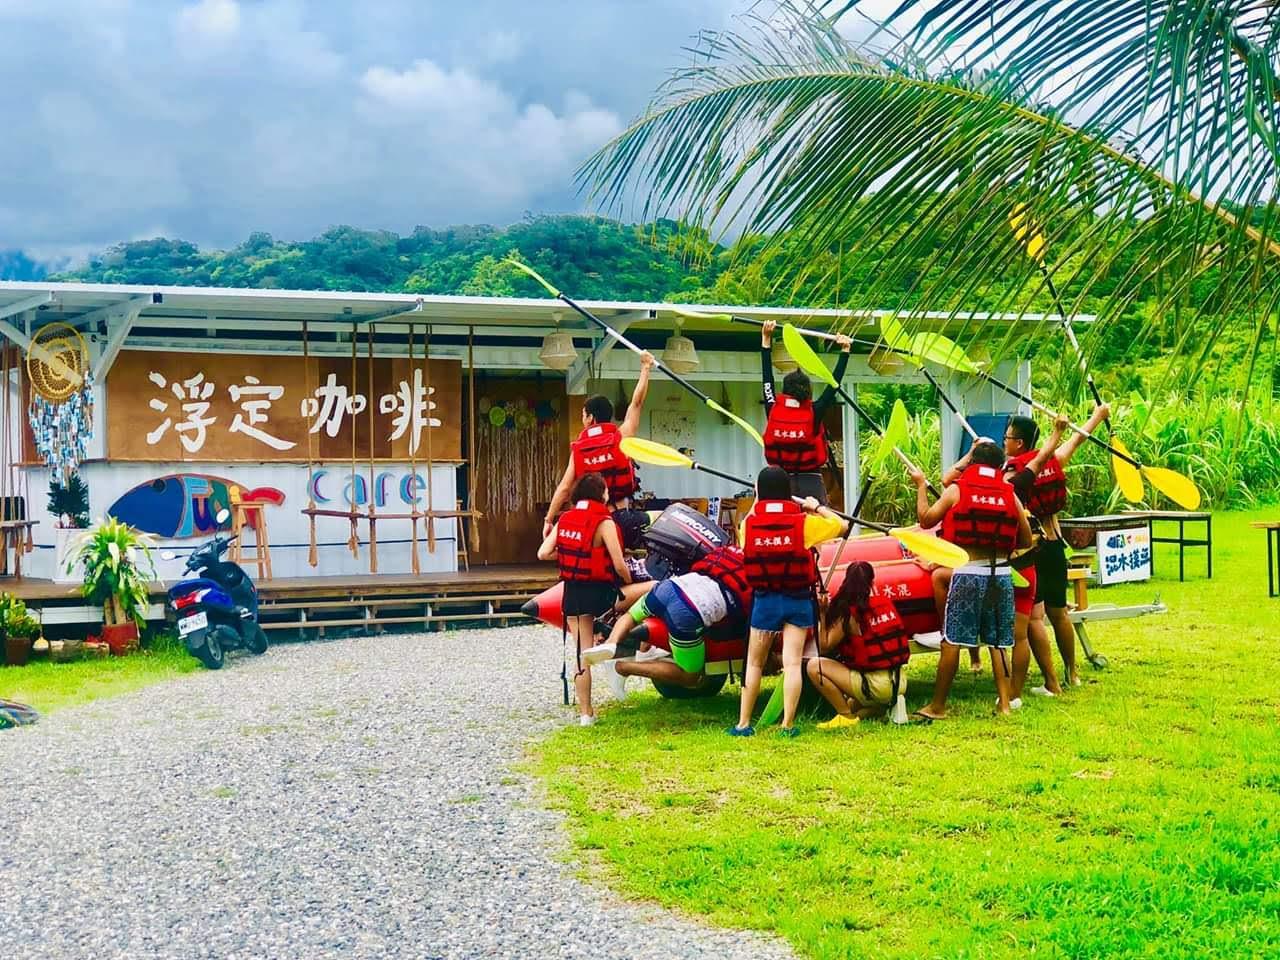 台東石雨傘獨木舟體驗|有著TIFFANY夢幻藍的石雨傘獨木舟